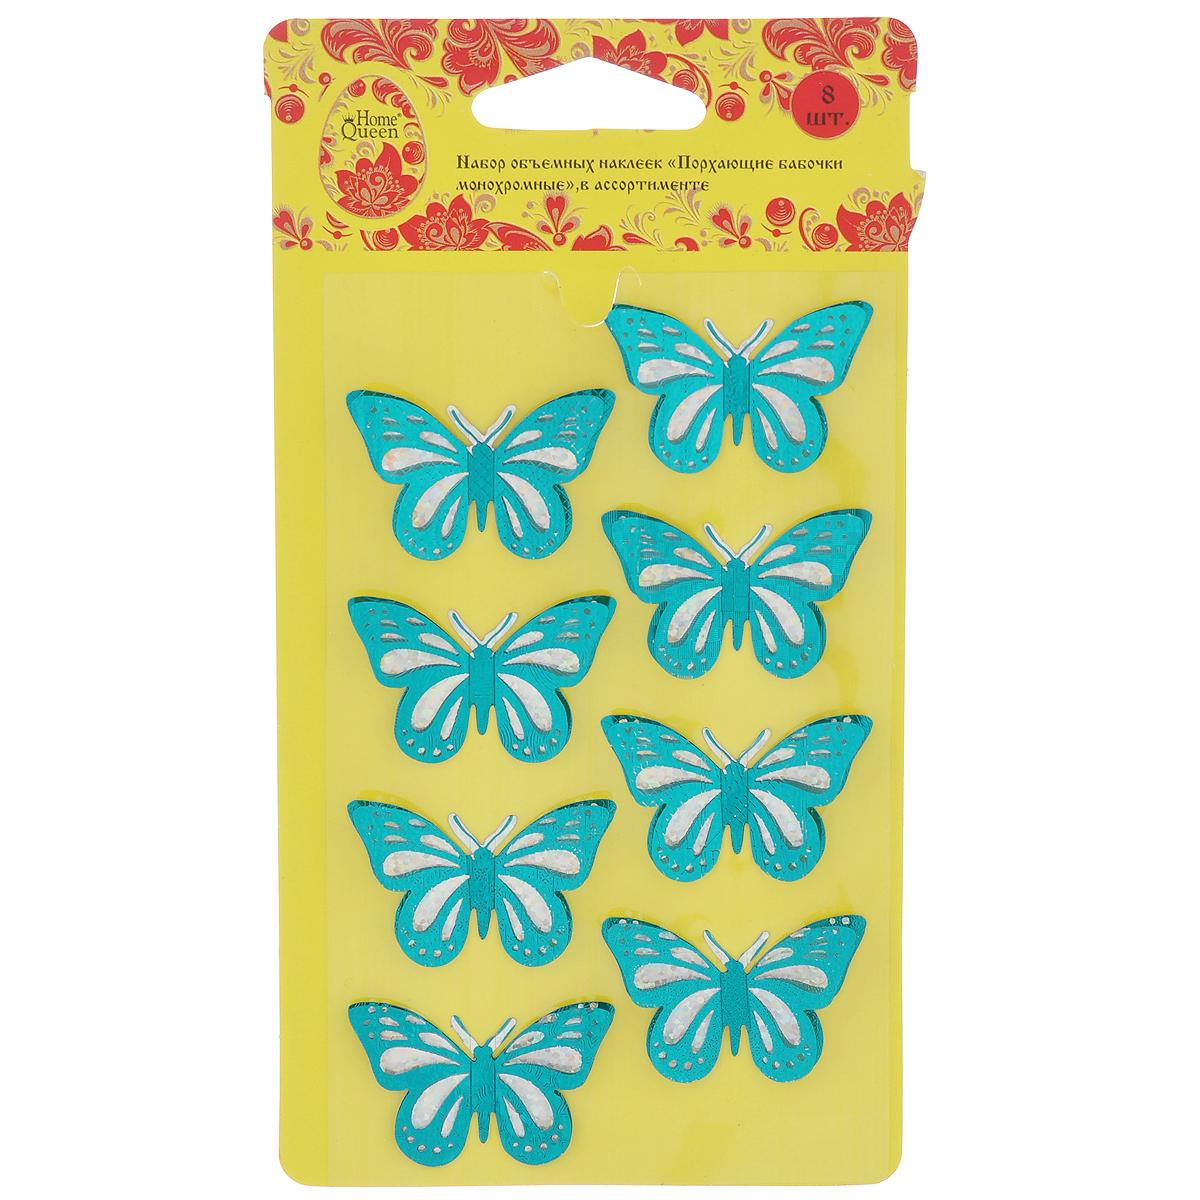 Набор объемных наклеек Home Queen Порхающие бабочки, цвет: бирюзовый, 8 шт68231_3Набор объемных наклеек Home Queen Порхающие бабочки прекрасно подойдет для оформления творческих работ. Их можно использовать для скрапбукинга, украшения упаковок, подарков и конвертов, открыток, декорирования коллажей, фотографий, изделий ручной работы и предметов интерьера. Объемные наклейки выполнены из ПВХ. Задняя сторона клейкая. В наборе - 8 объемных наклеек в виде бабочек. Такой набор украшений создаст атмосферу праздника в вашем доме. Комплектация: 8 шт. Размер бабочки: 3 см х 2 см.